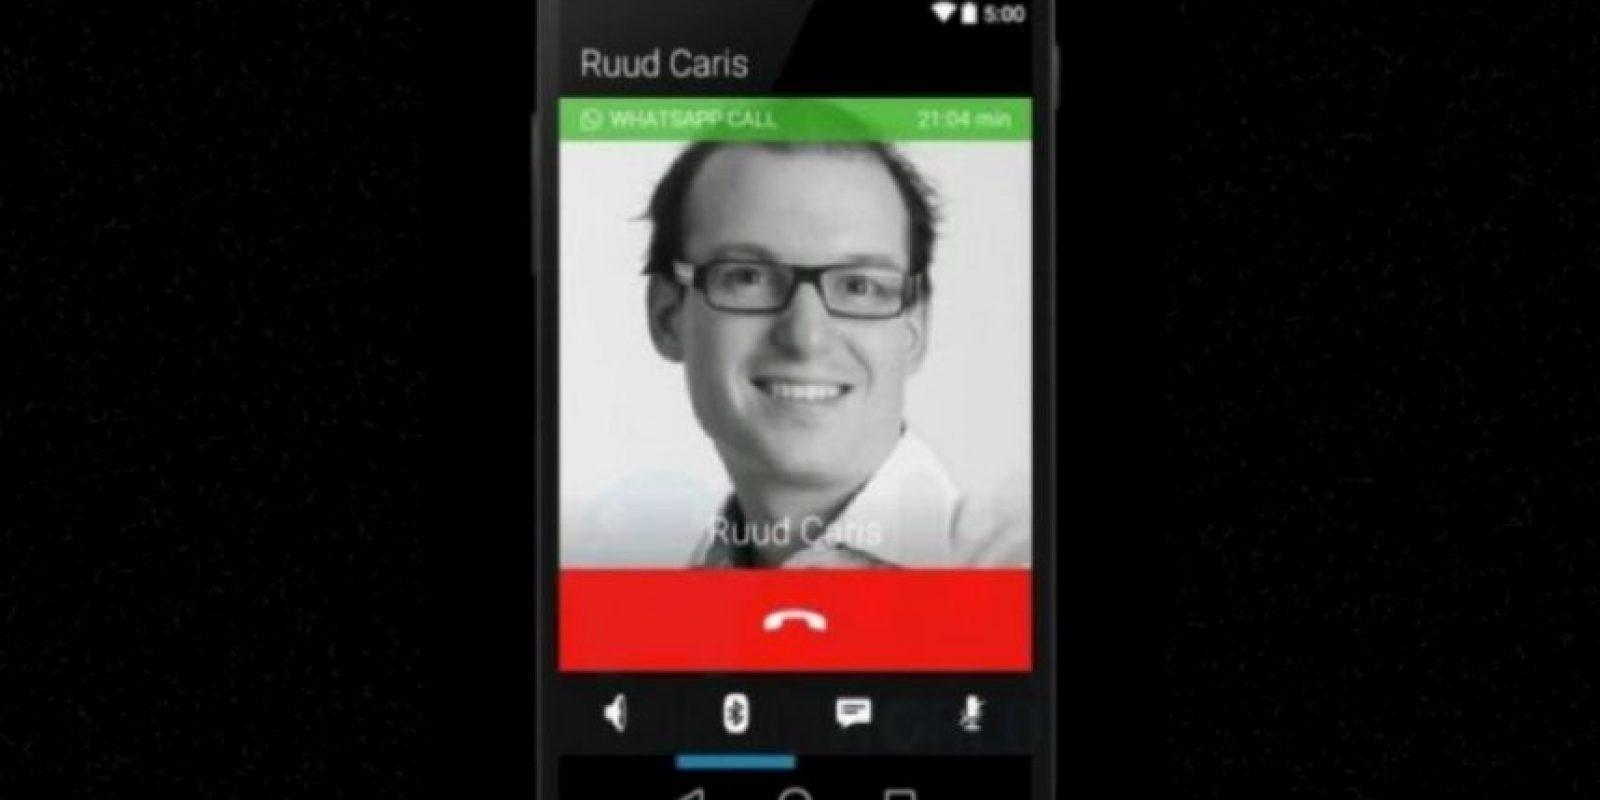 Imágenes, fotos y conversaciones serán almacenadas en Google Drive. Foto:Android World